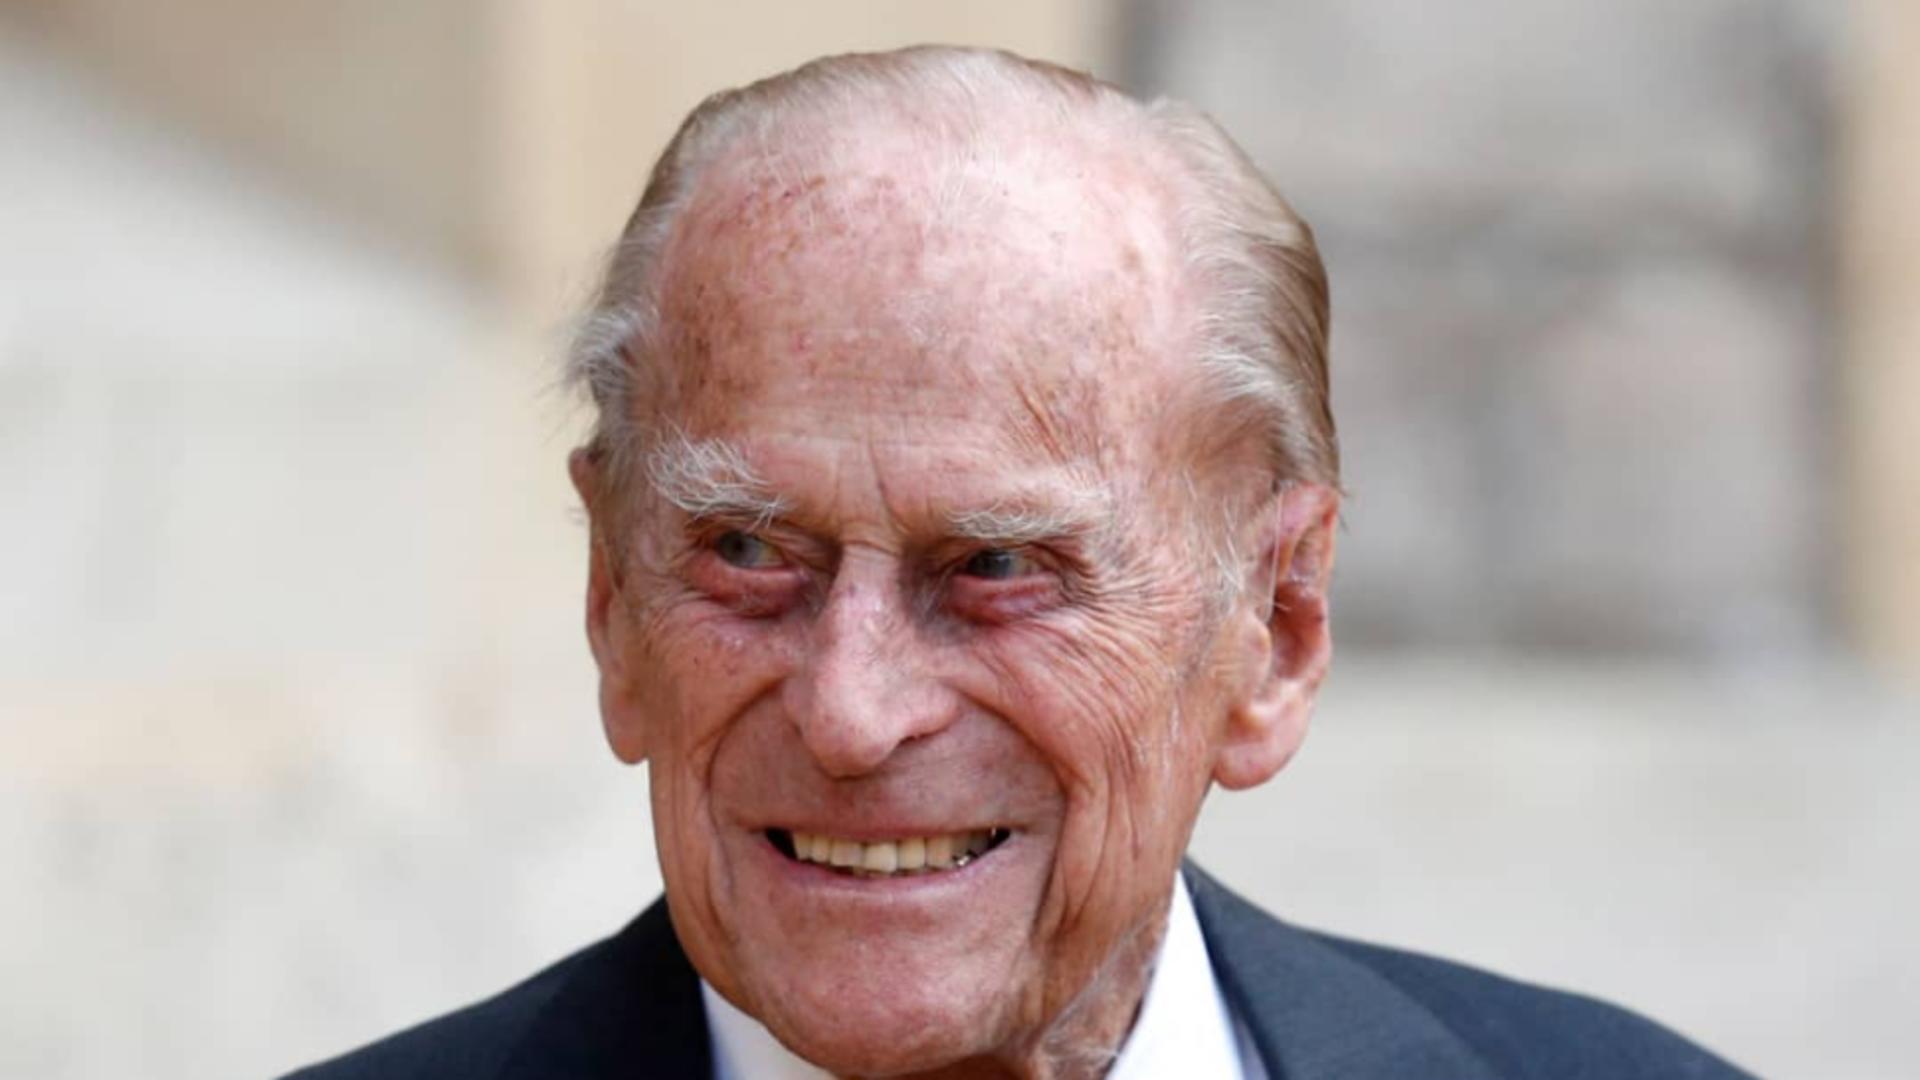 Printul consort Philip, soțul Reginei Elisabeta a II-a